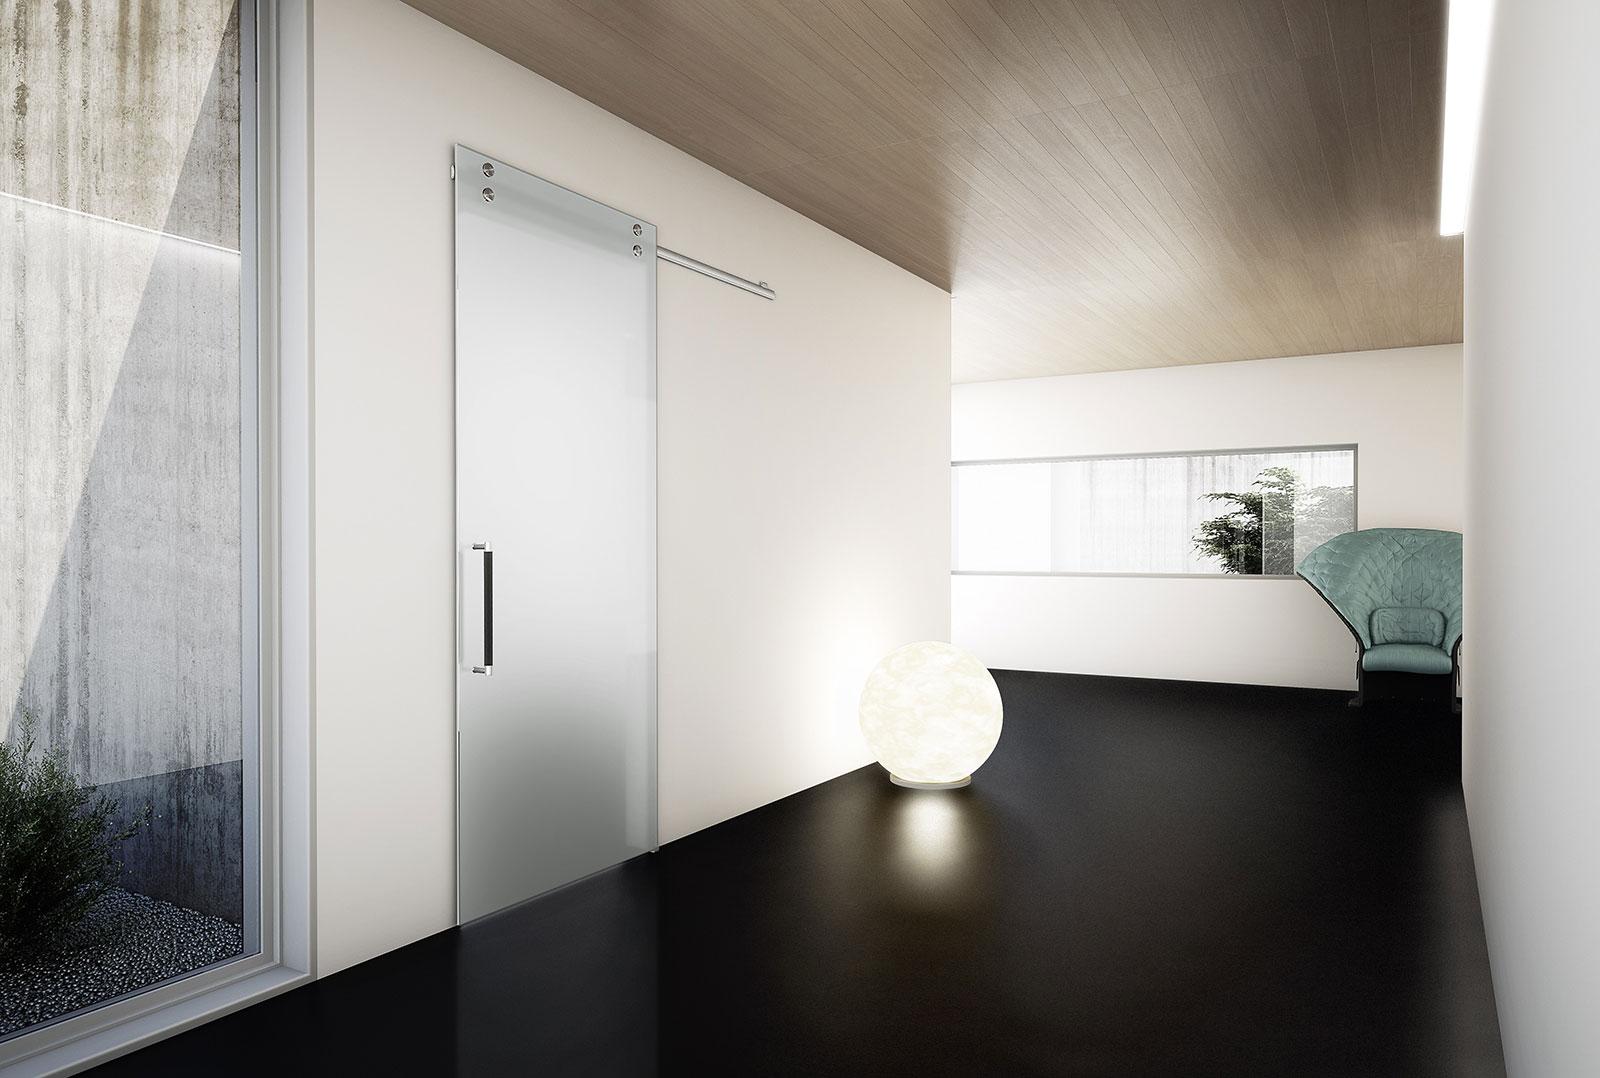 Porta Scorrevole Su Muro Portante absolute - porta con scorrimento a vista | henry glass